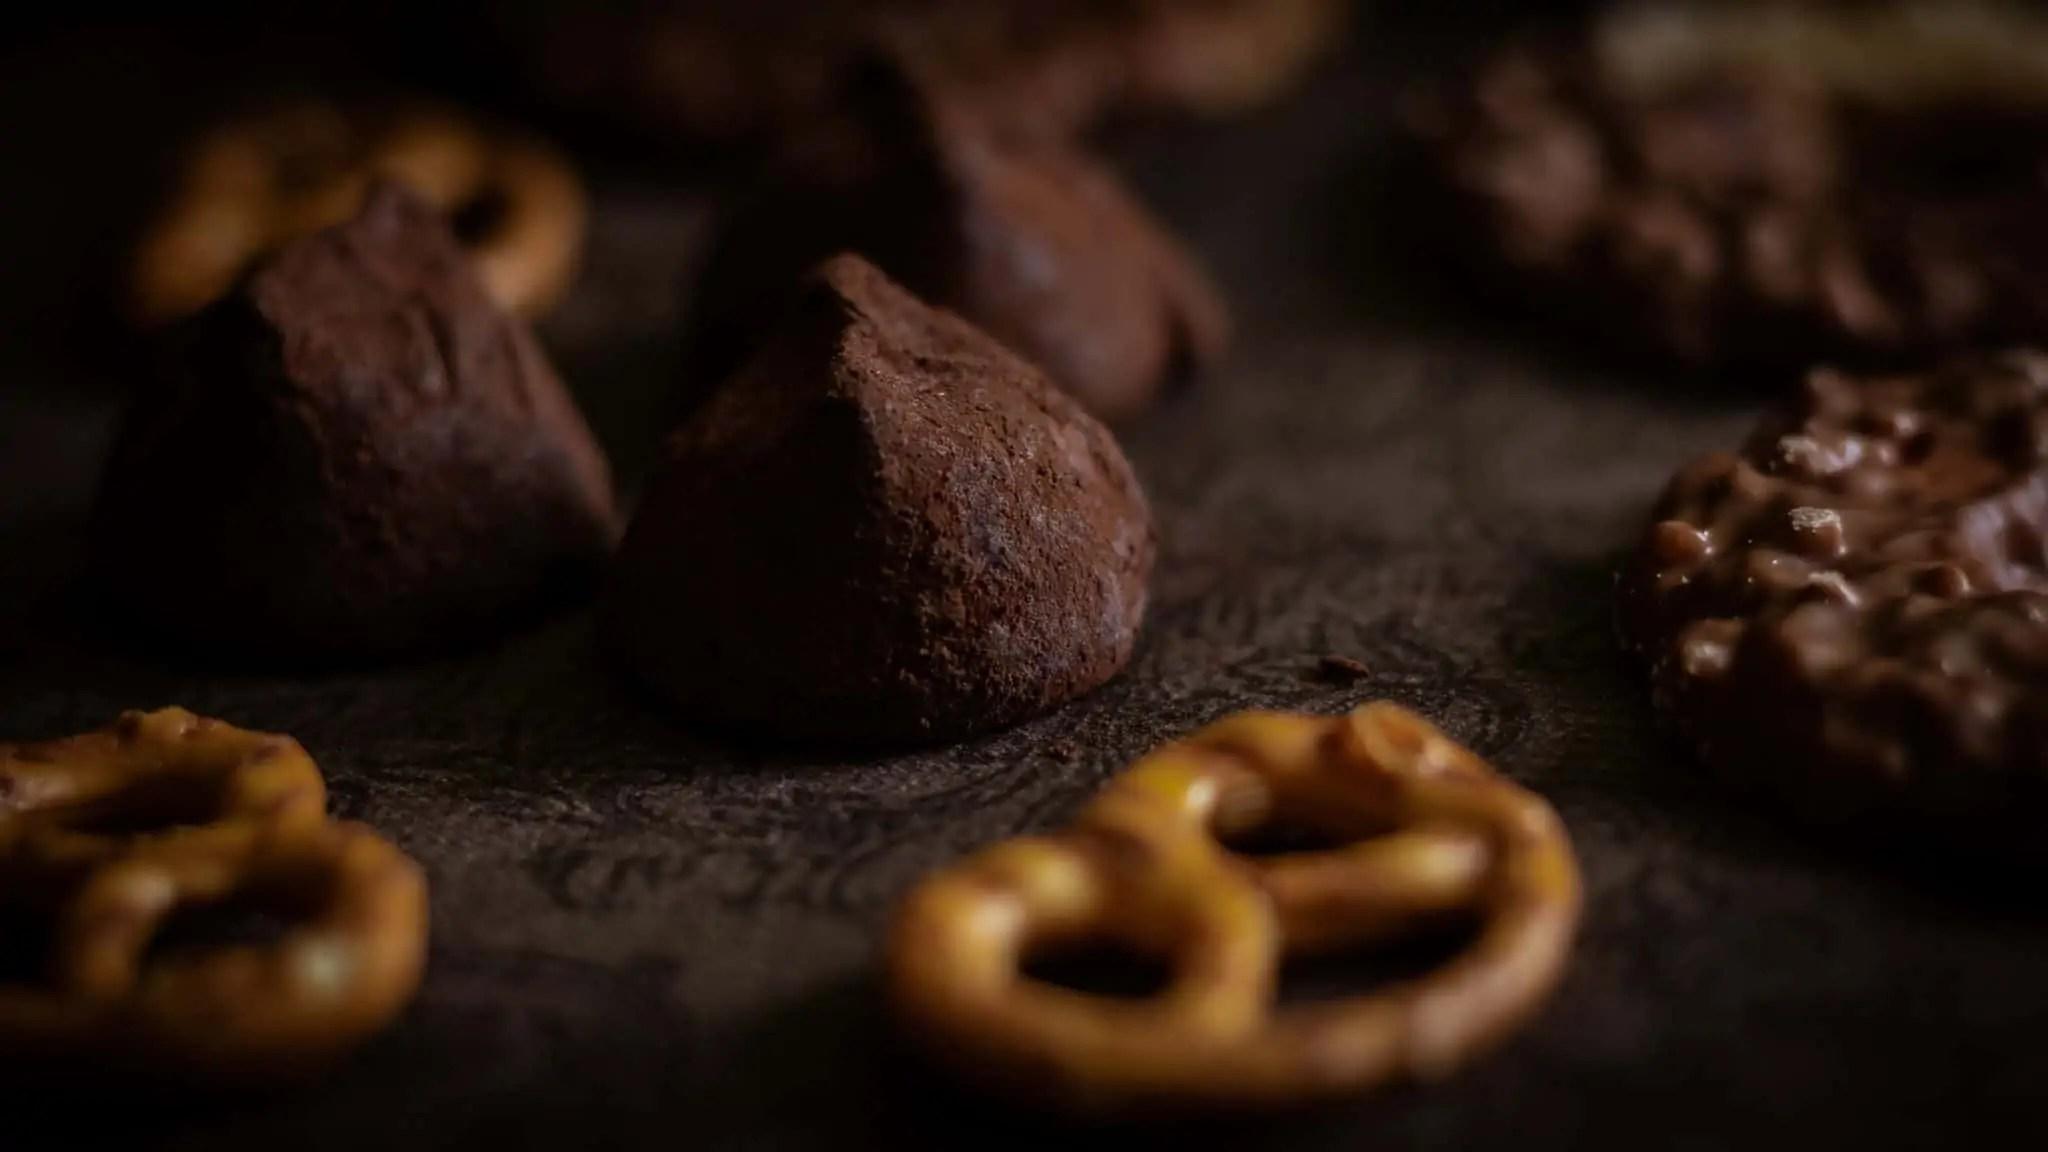 Czarna fotografia jedzenia czekolada precelki i ciastka 5 scaled - Czarna fotografia jedzenia